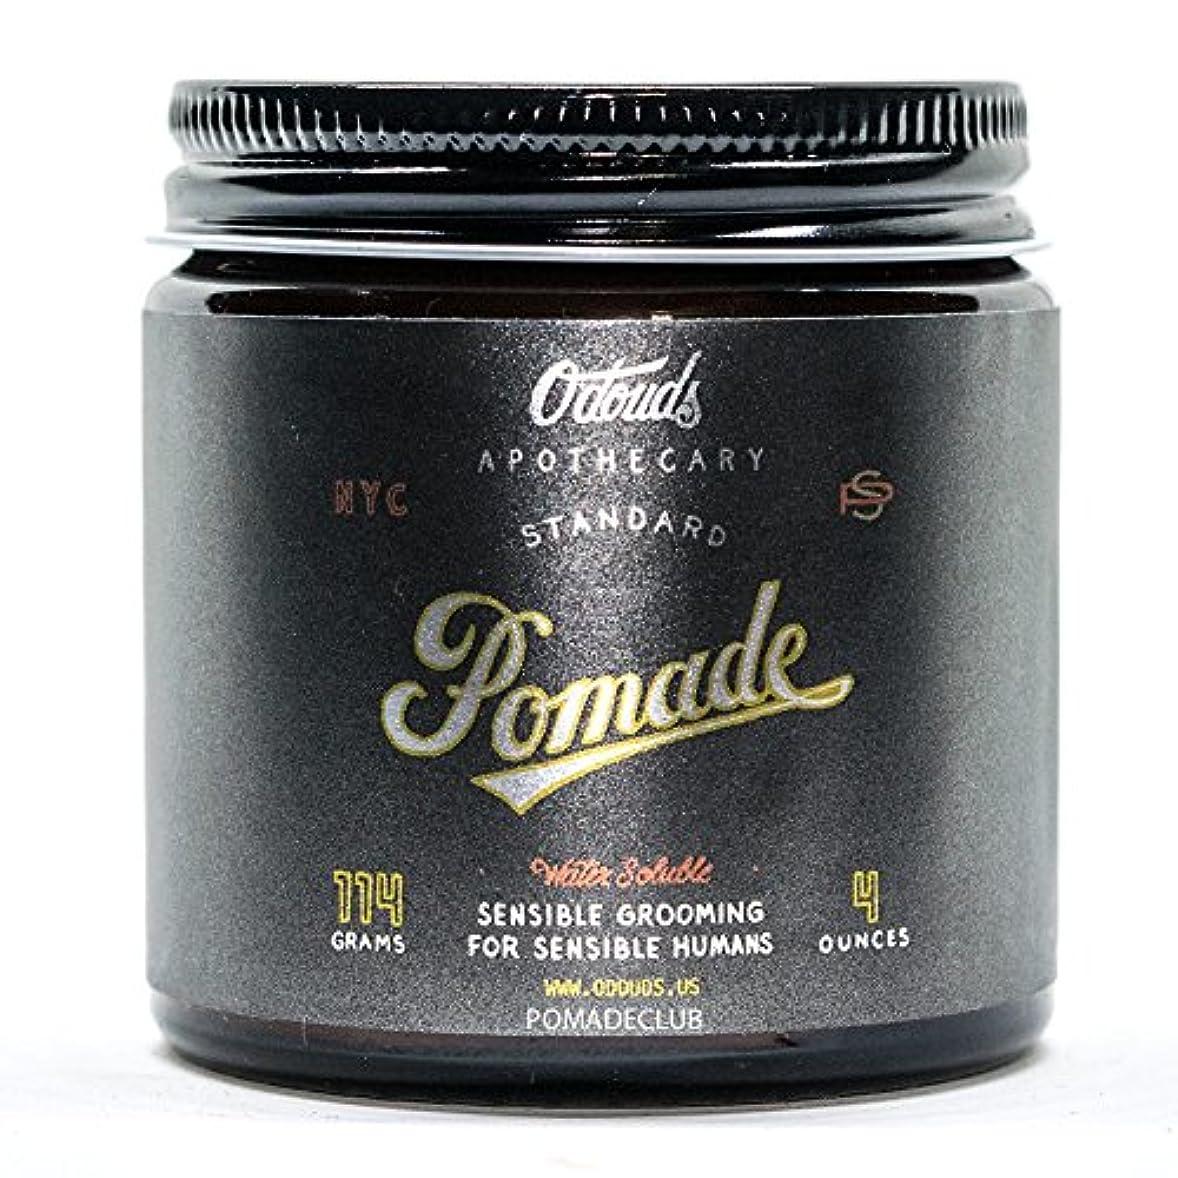 仕方サミット飲食店O'Douds (オダウズ) スタンダードポマード STANDARD POMADE メンズ 整髪料 水性 ヘアグリース クリームタイプ ツヤあり ストロングホールド